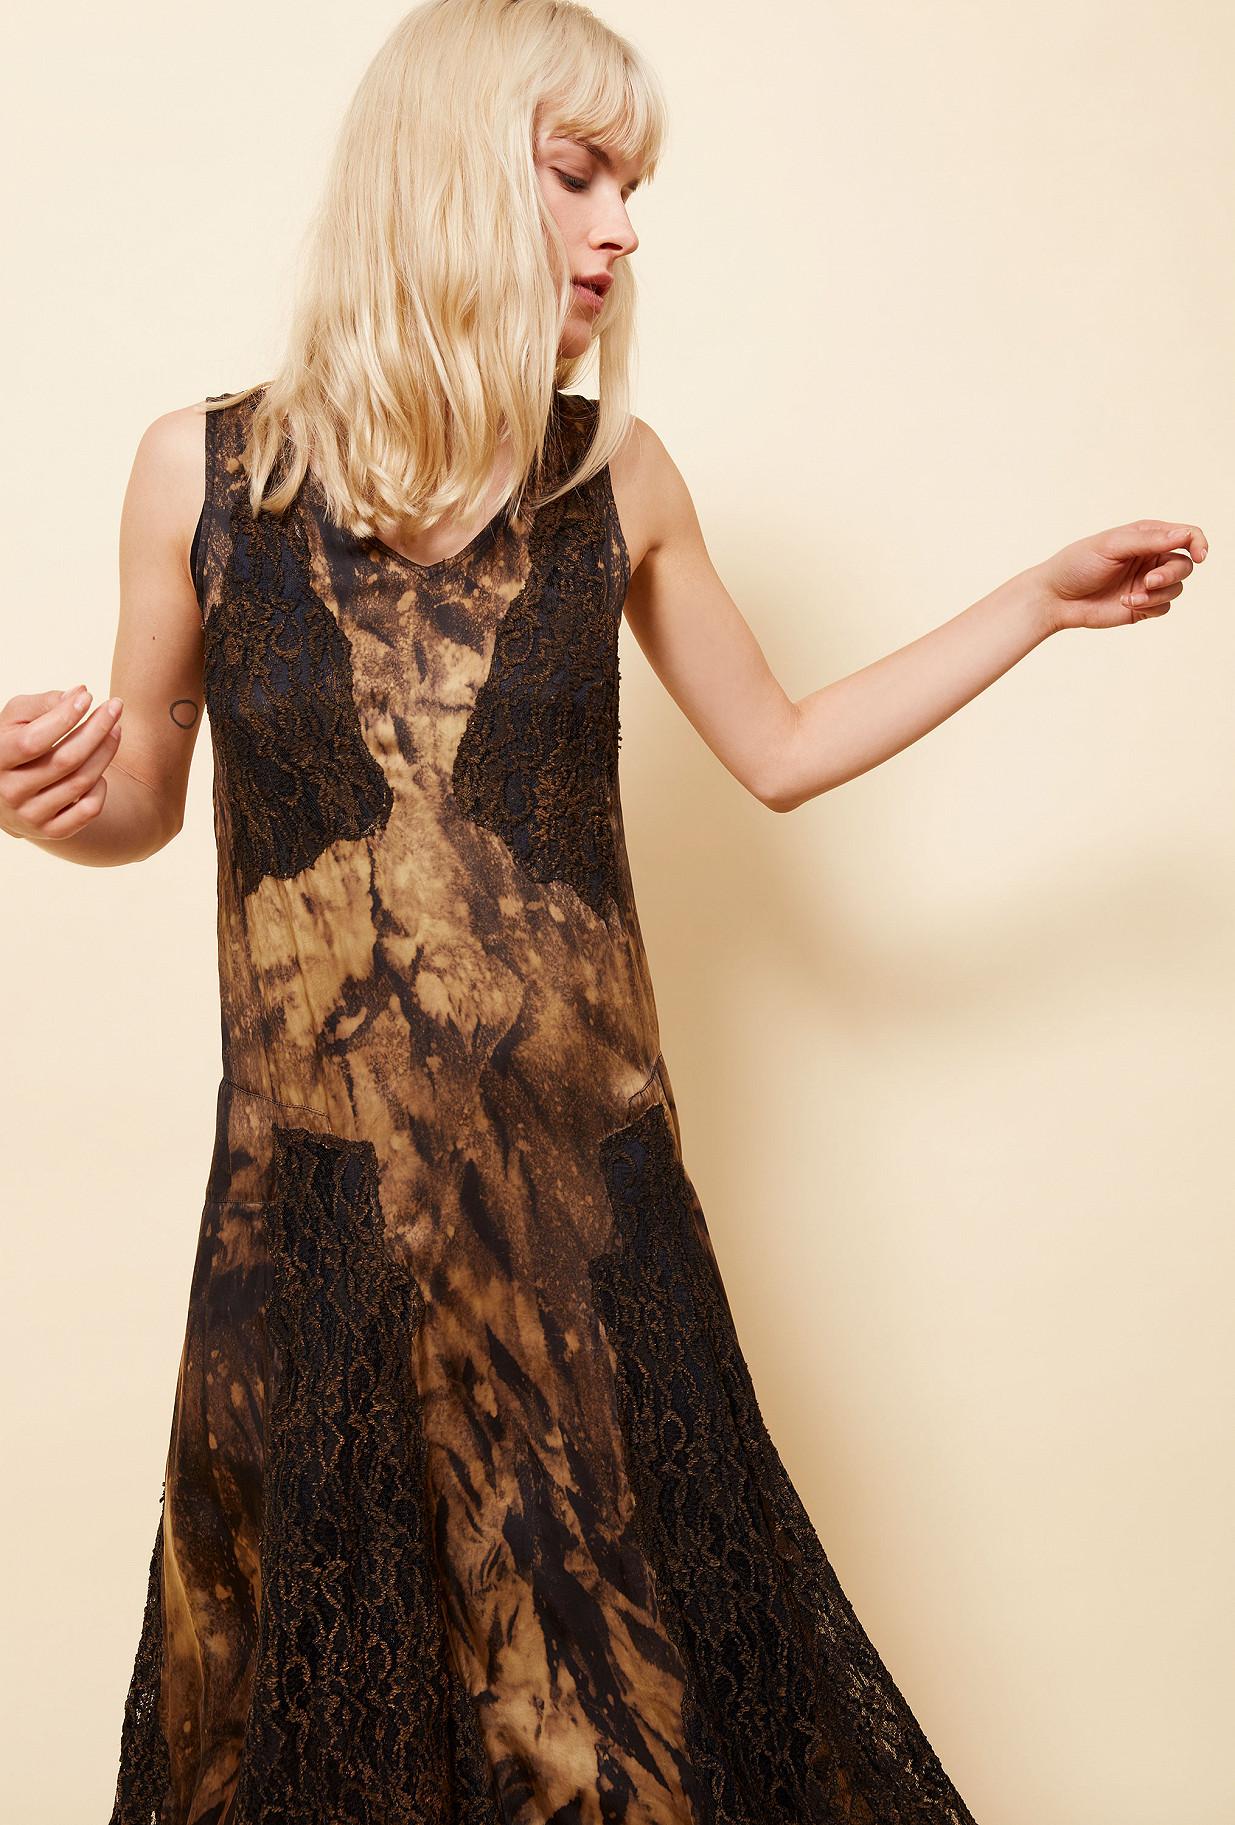 Femme De Boutique Dore Paris Garance Robe Createur Mode qBxqEd